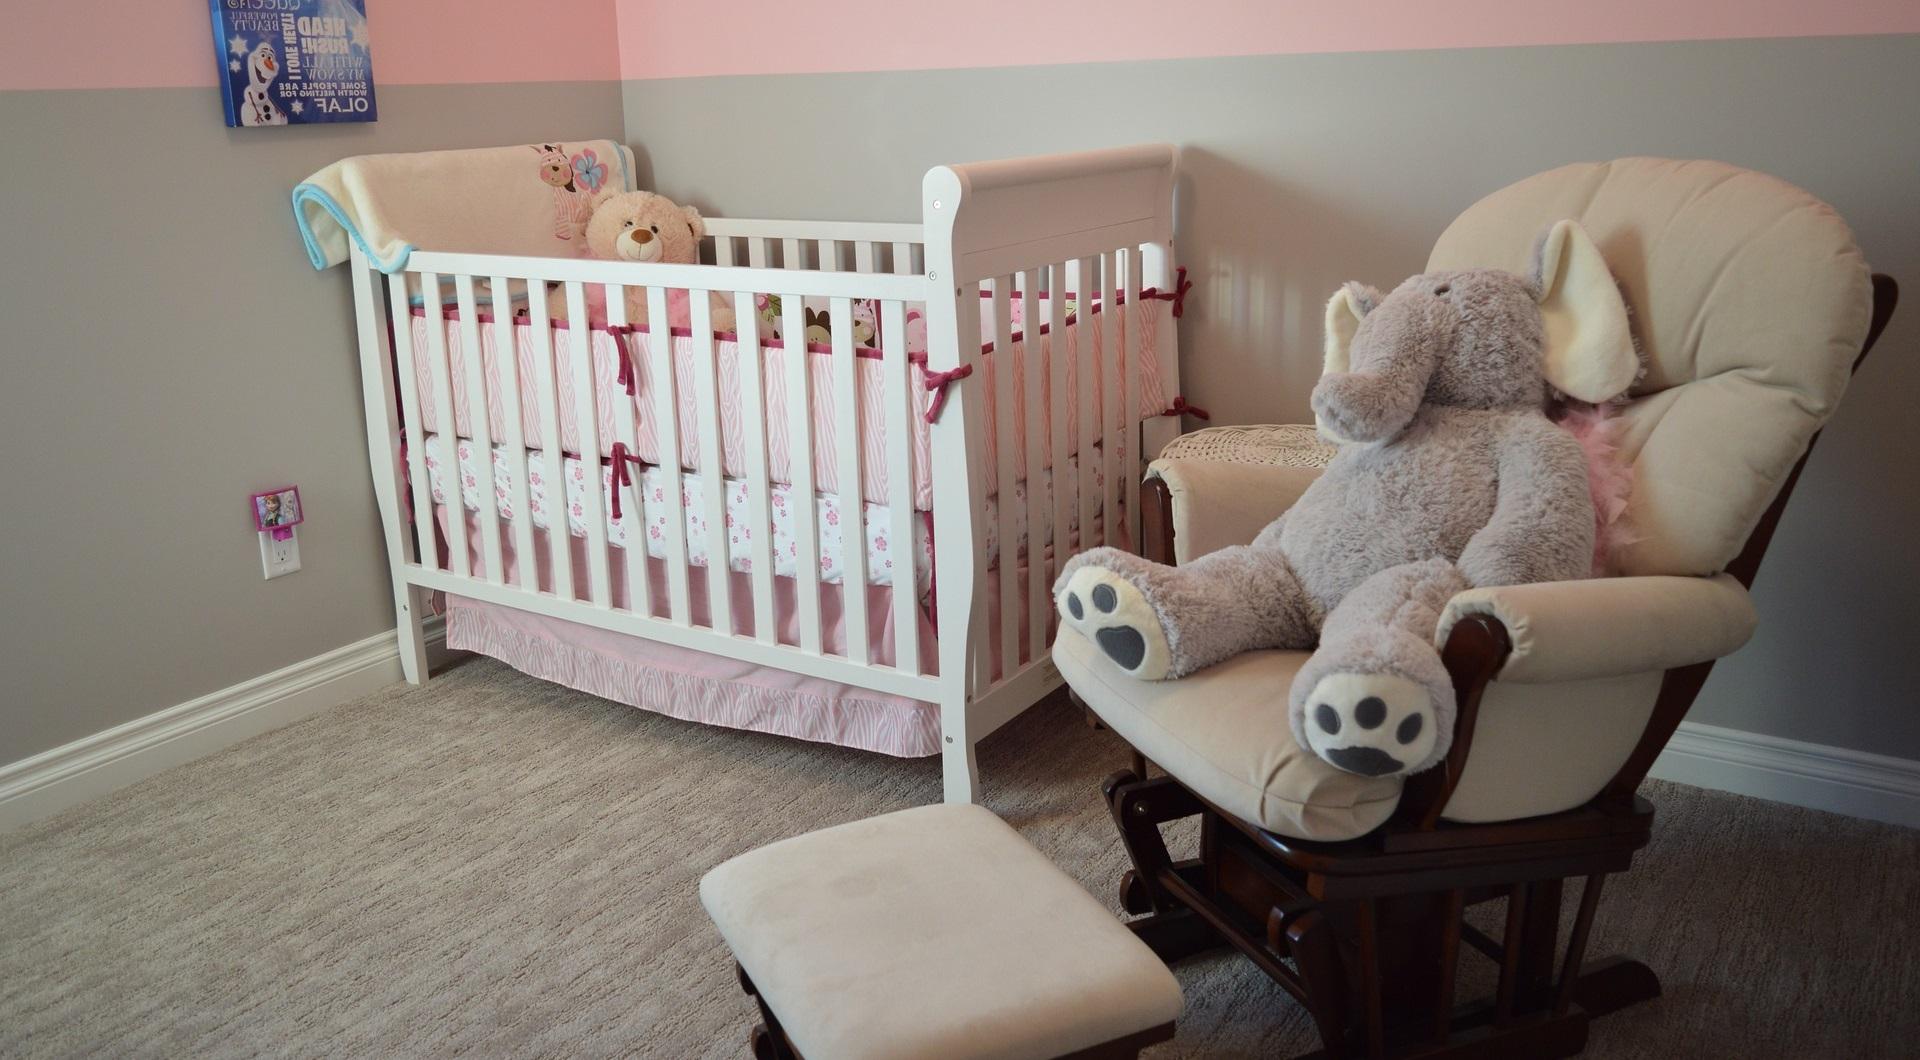 Покупки новорожденному: на что лучше не тратиться?